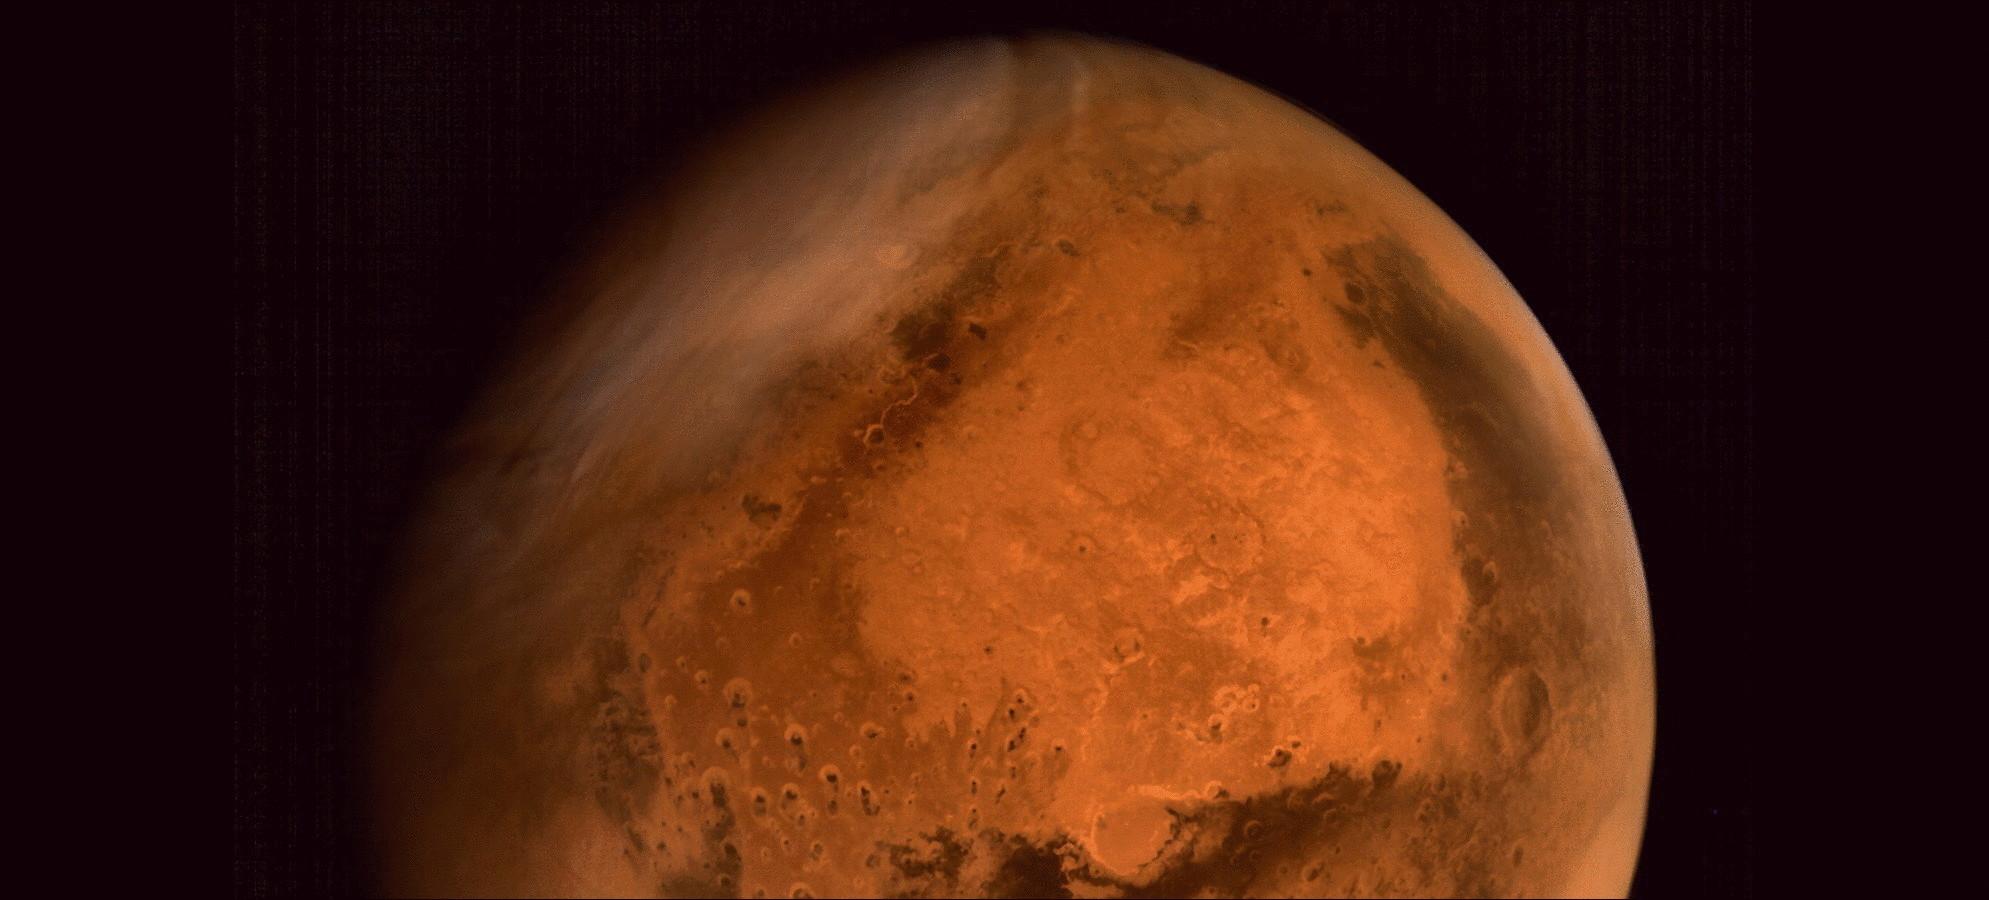 Индийский спутник сделал первое цветное фото Марса (2 фото)